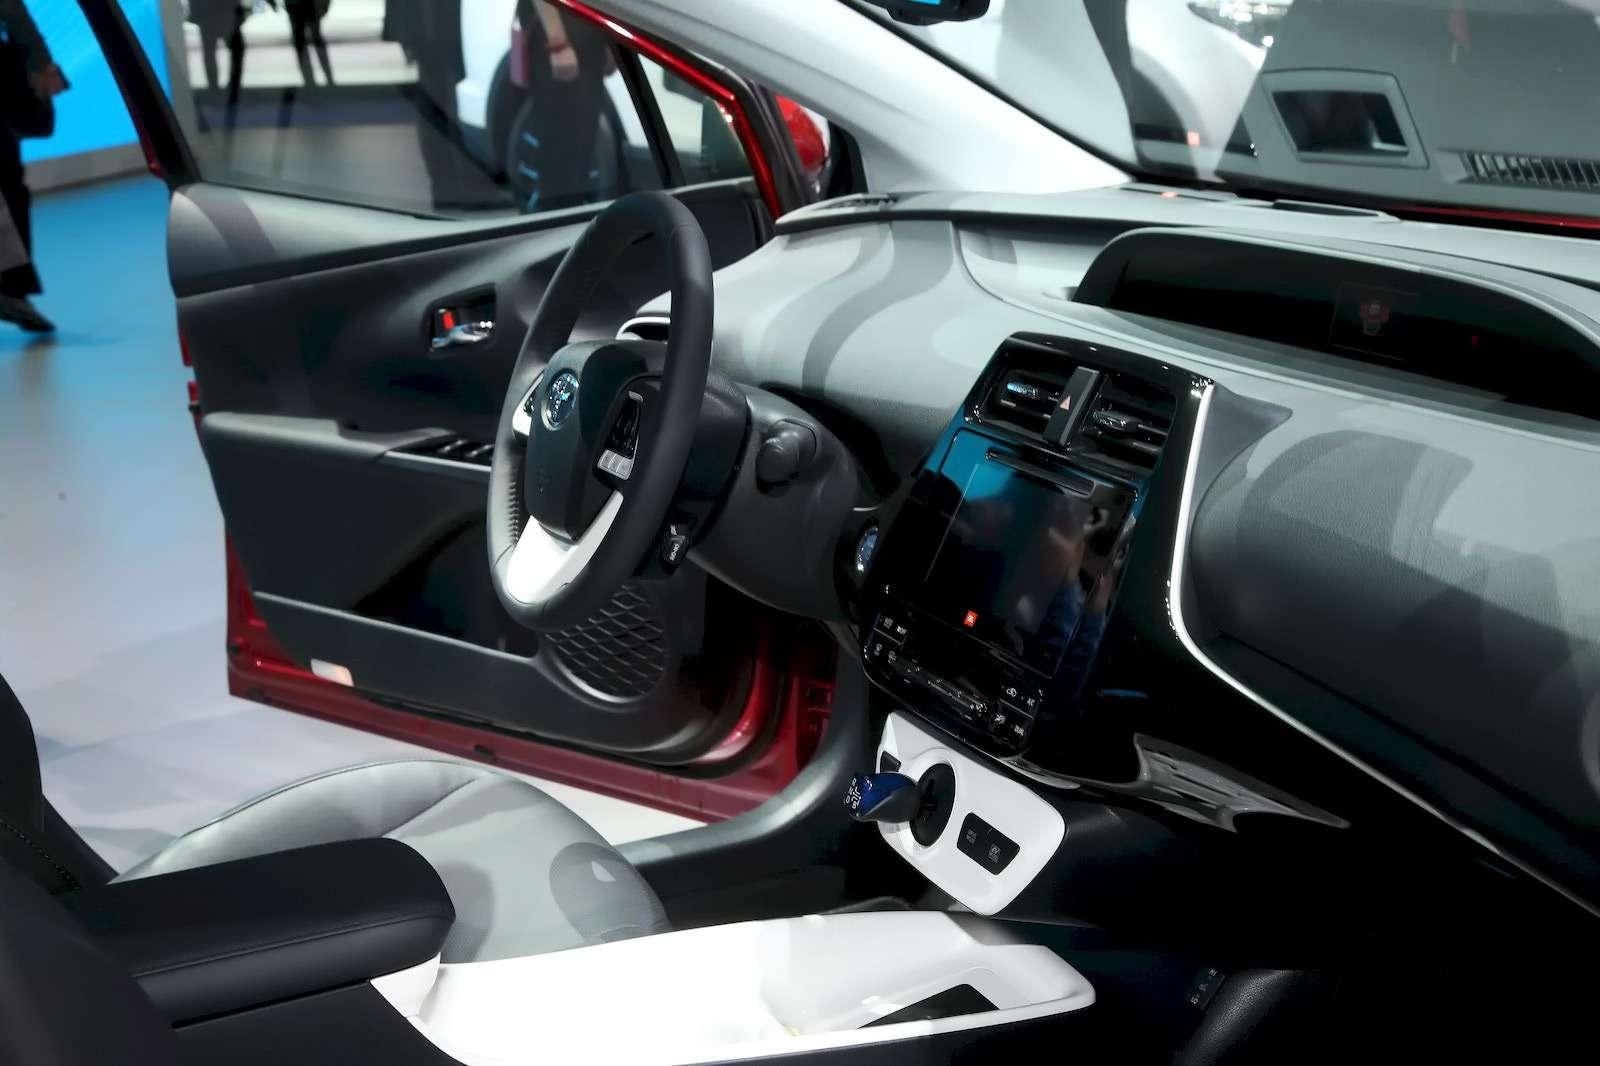 Toyota_Prius_12